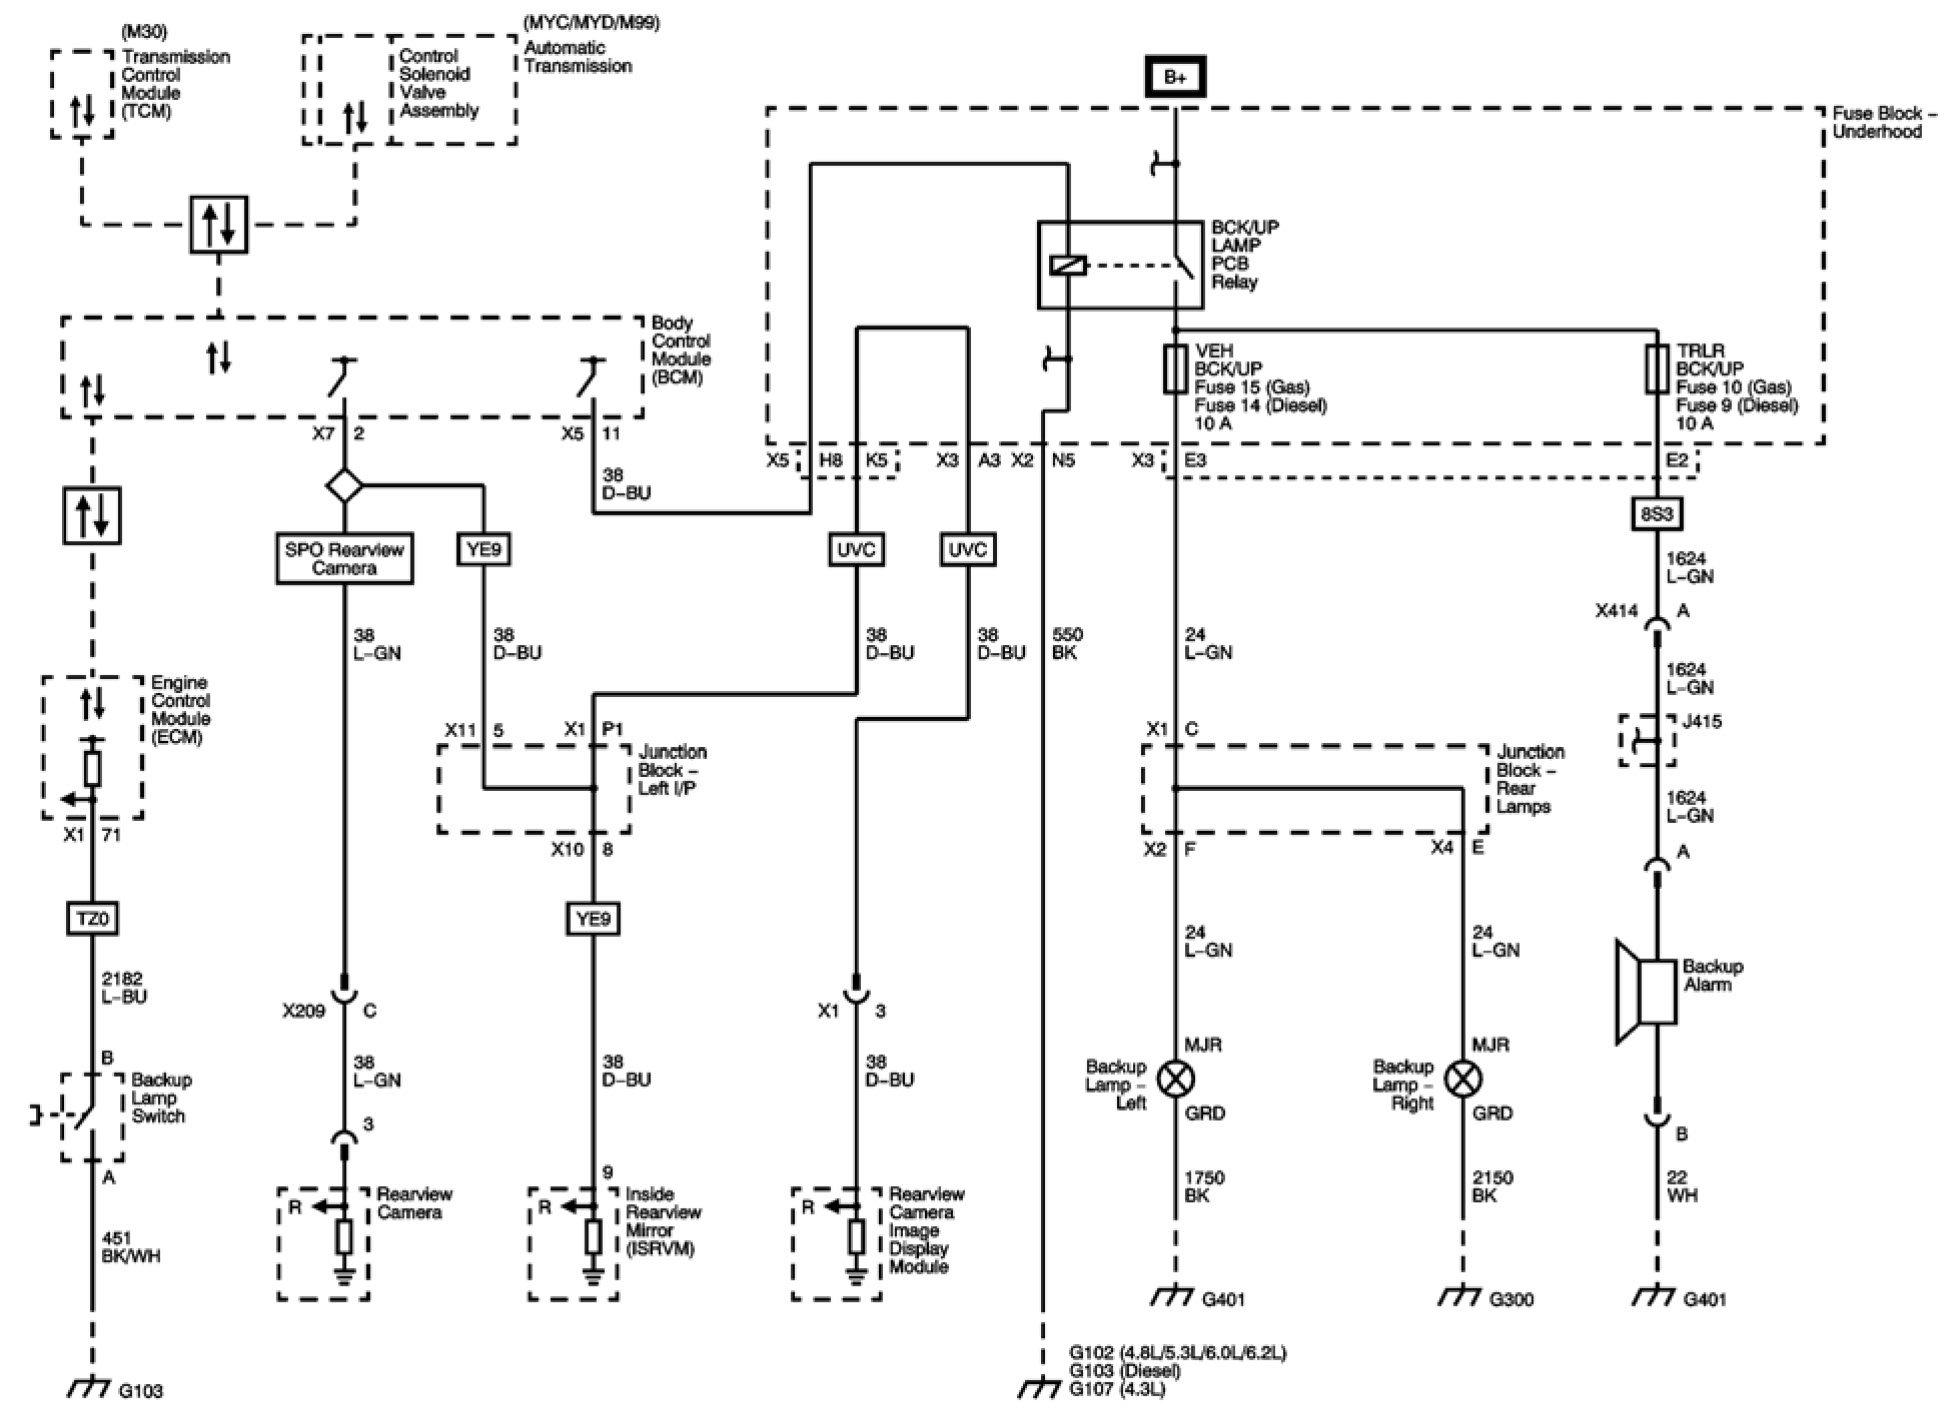 c8116eec-7480-4d5d-8de8-24bcf044a0cb_rev.jpg